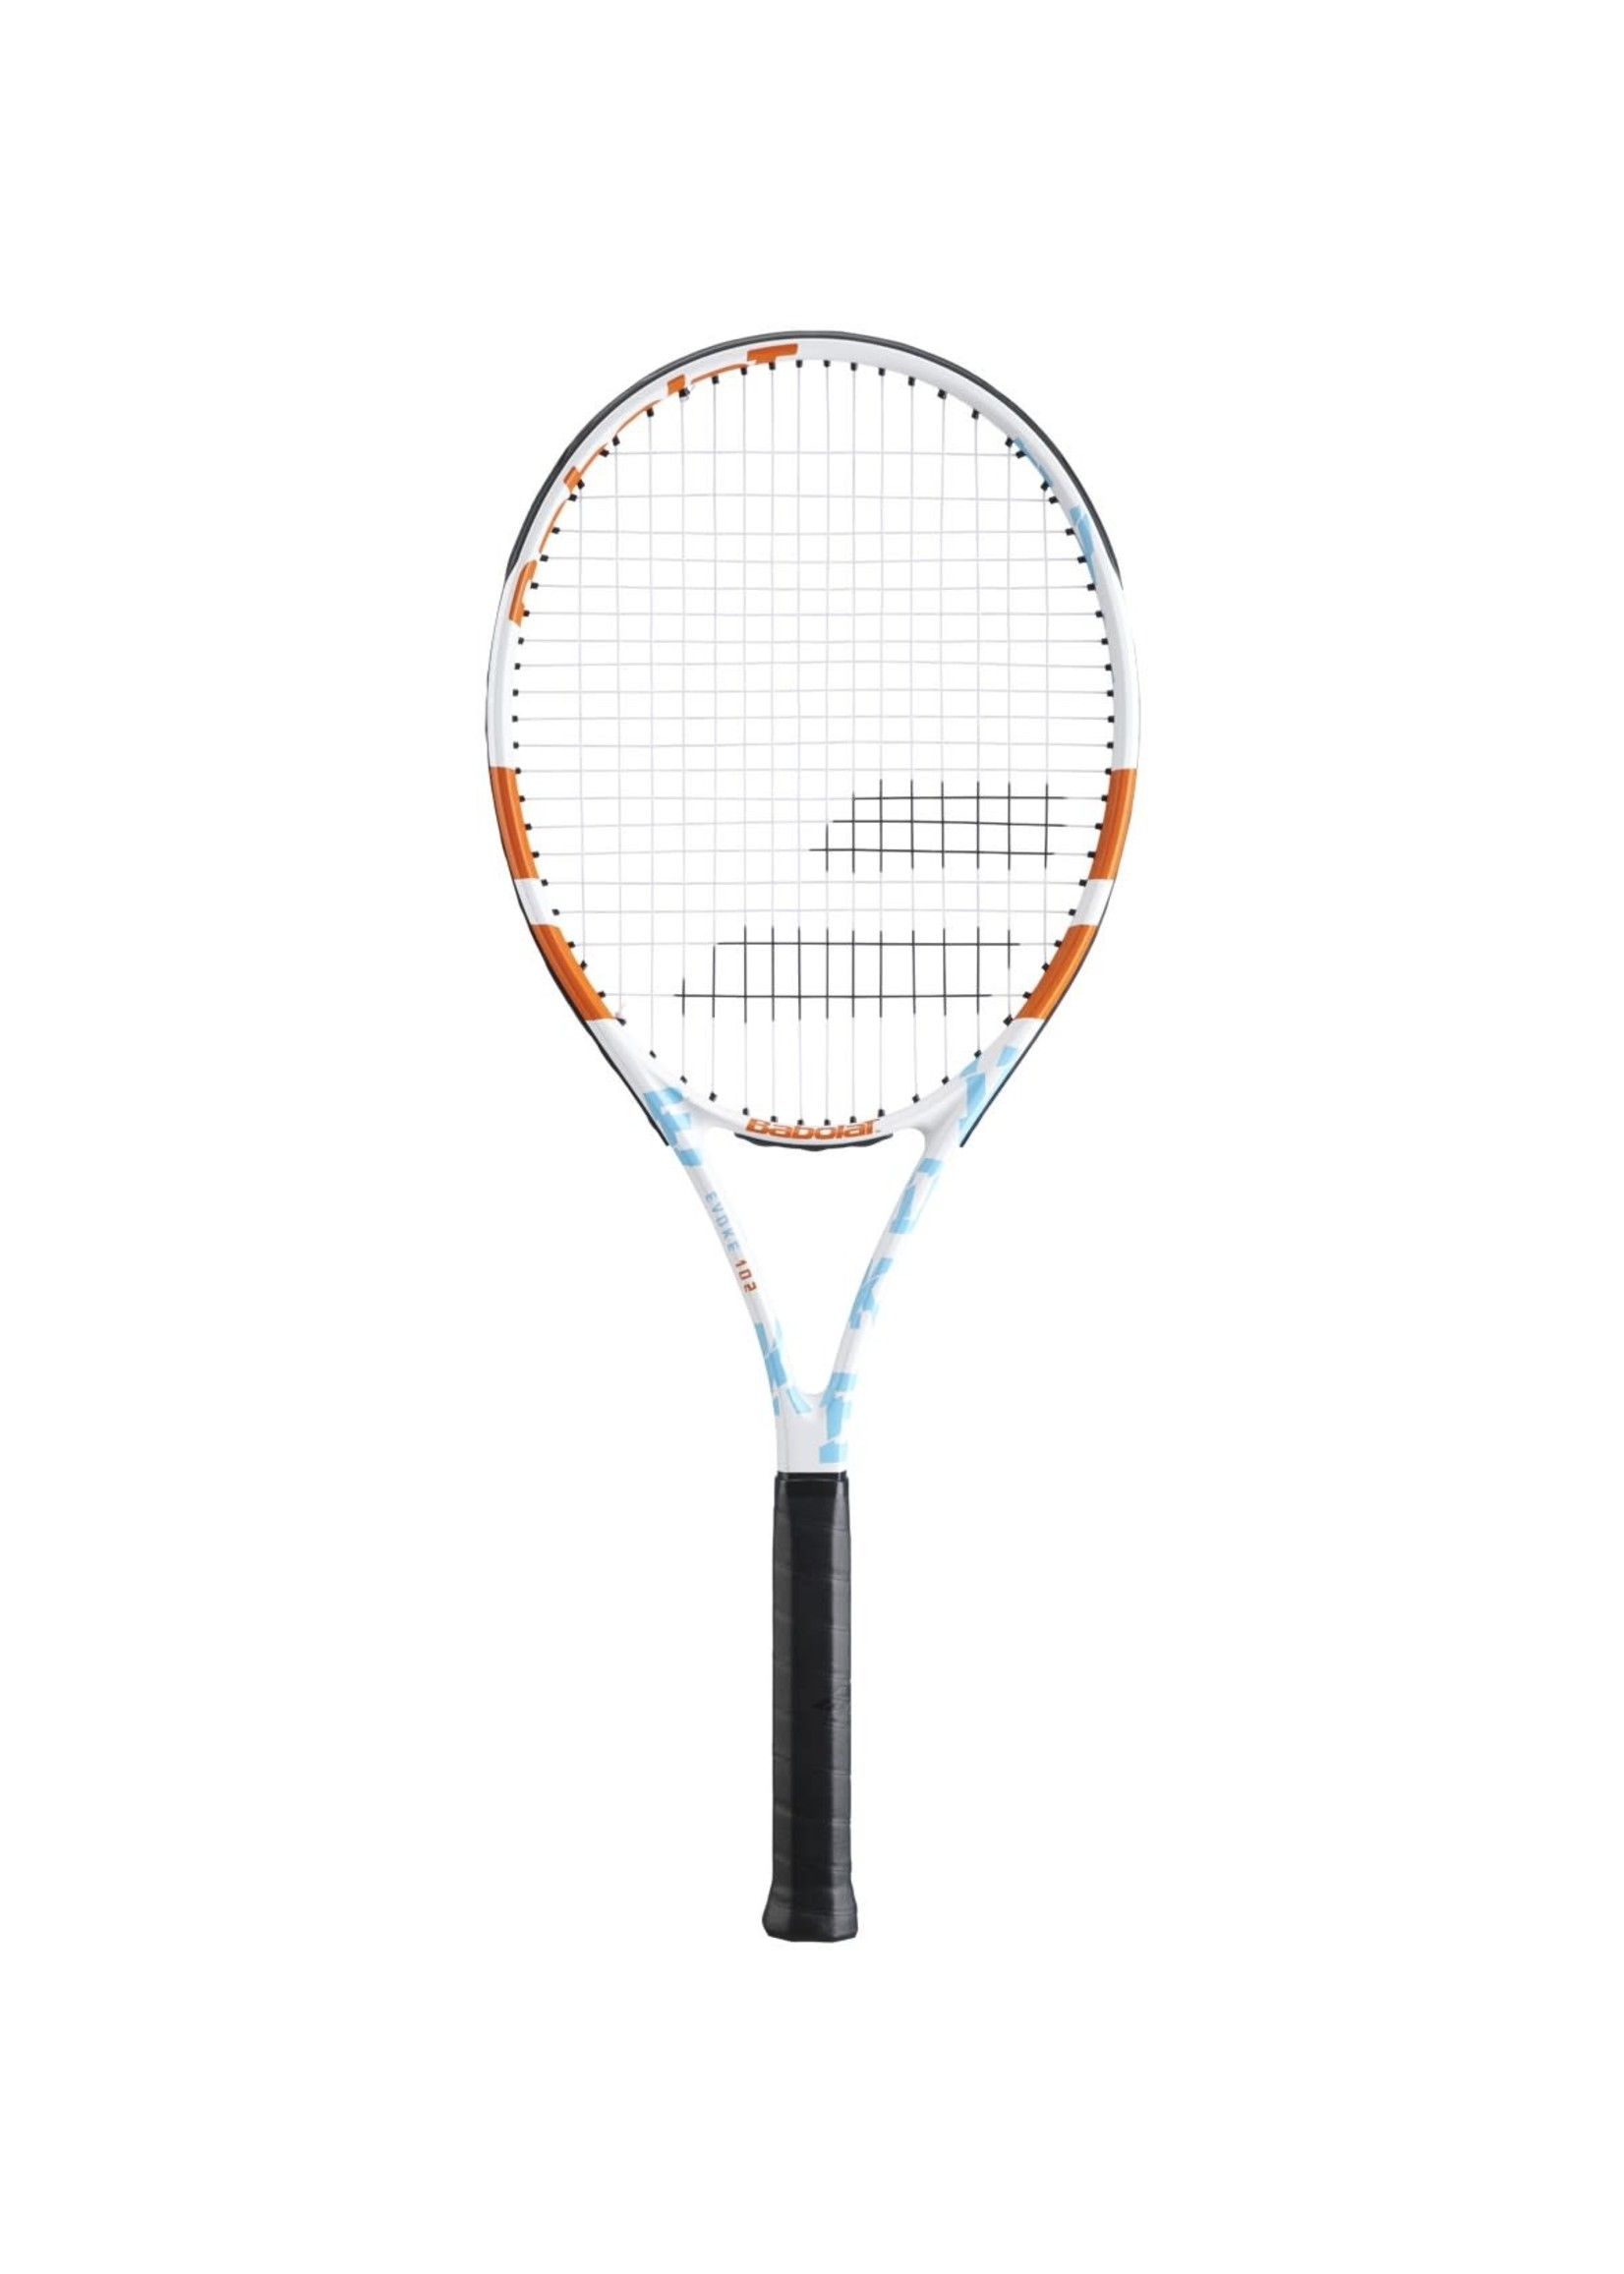 Babolat Babolat Evoke 102 Tennis Racket - White/Blue/Orange (2021)